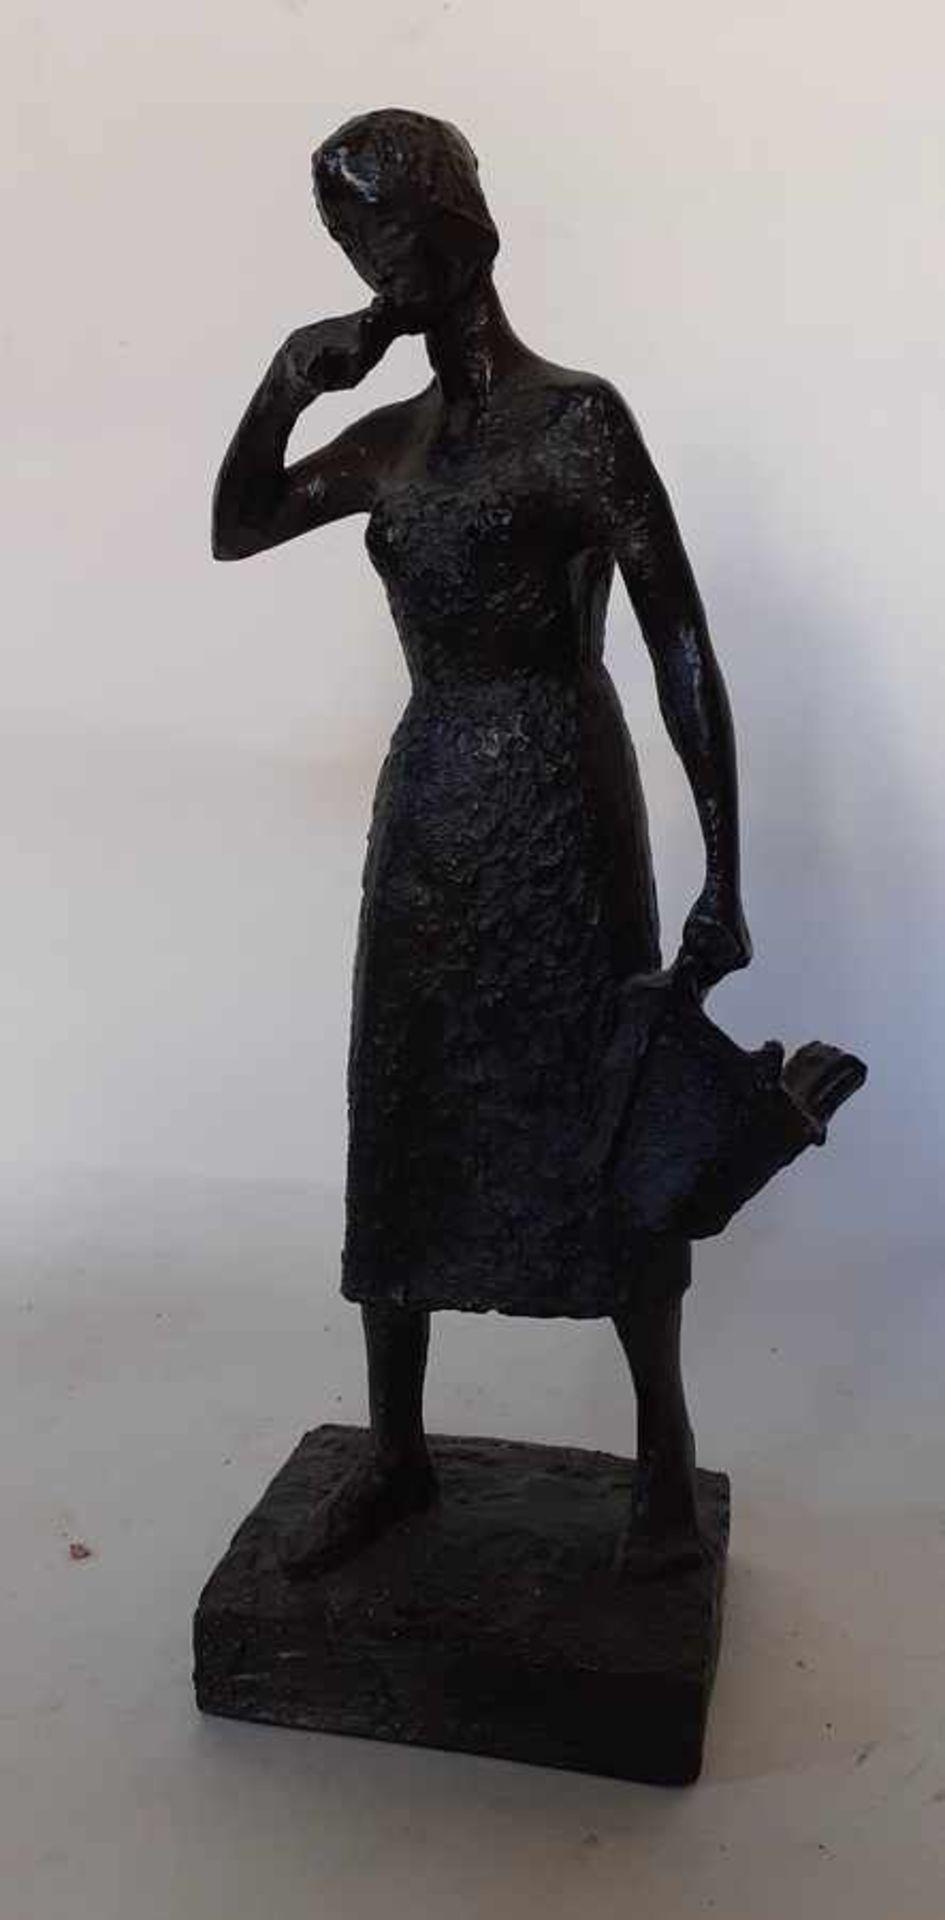 (Kunst) Gebronst epoxy beeld, Tummers-Van Hasselt - Image 2 of 5